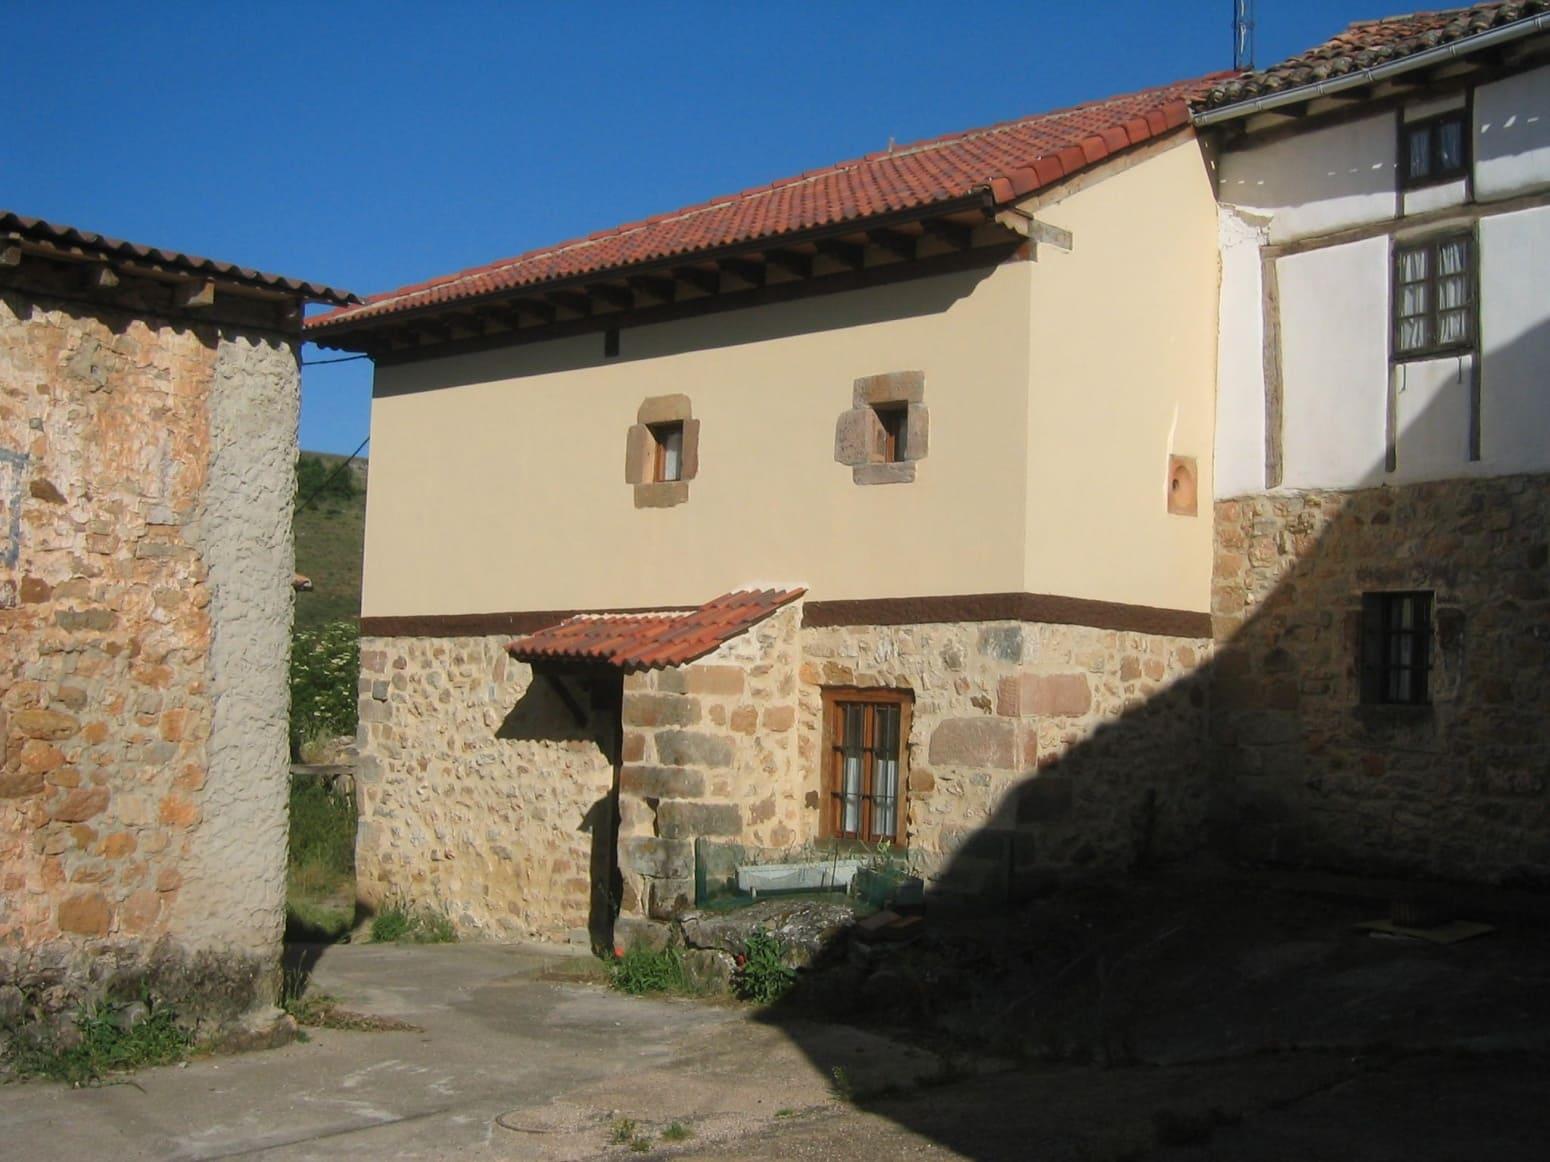 2 sypialnia Dom szeregowy na sprzedaż w Aguilar de Campoo - 150 000 € (Ref: 4852633)